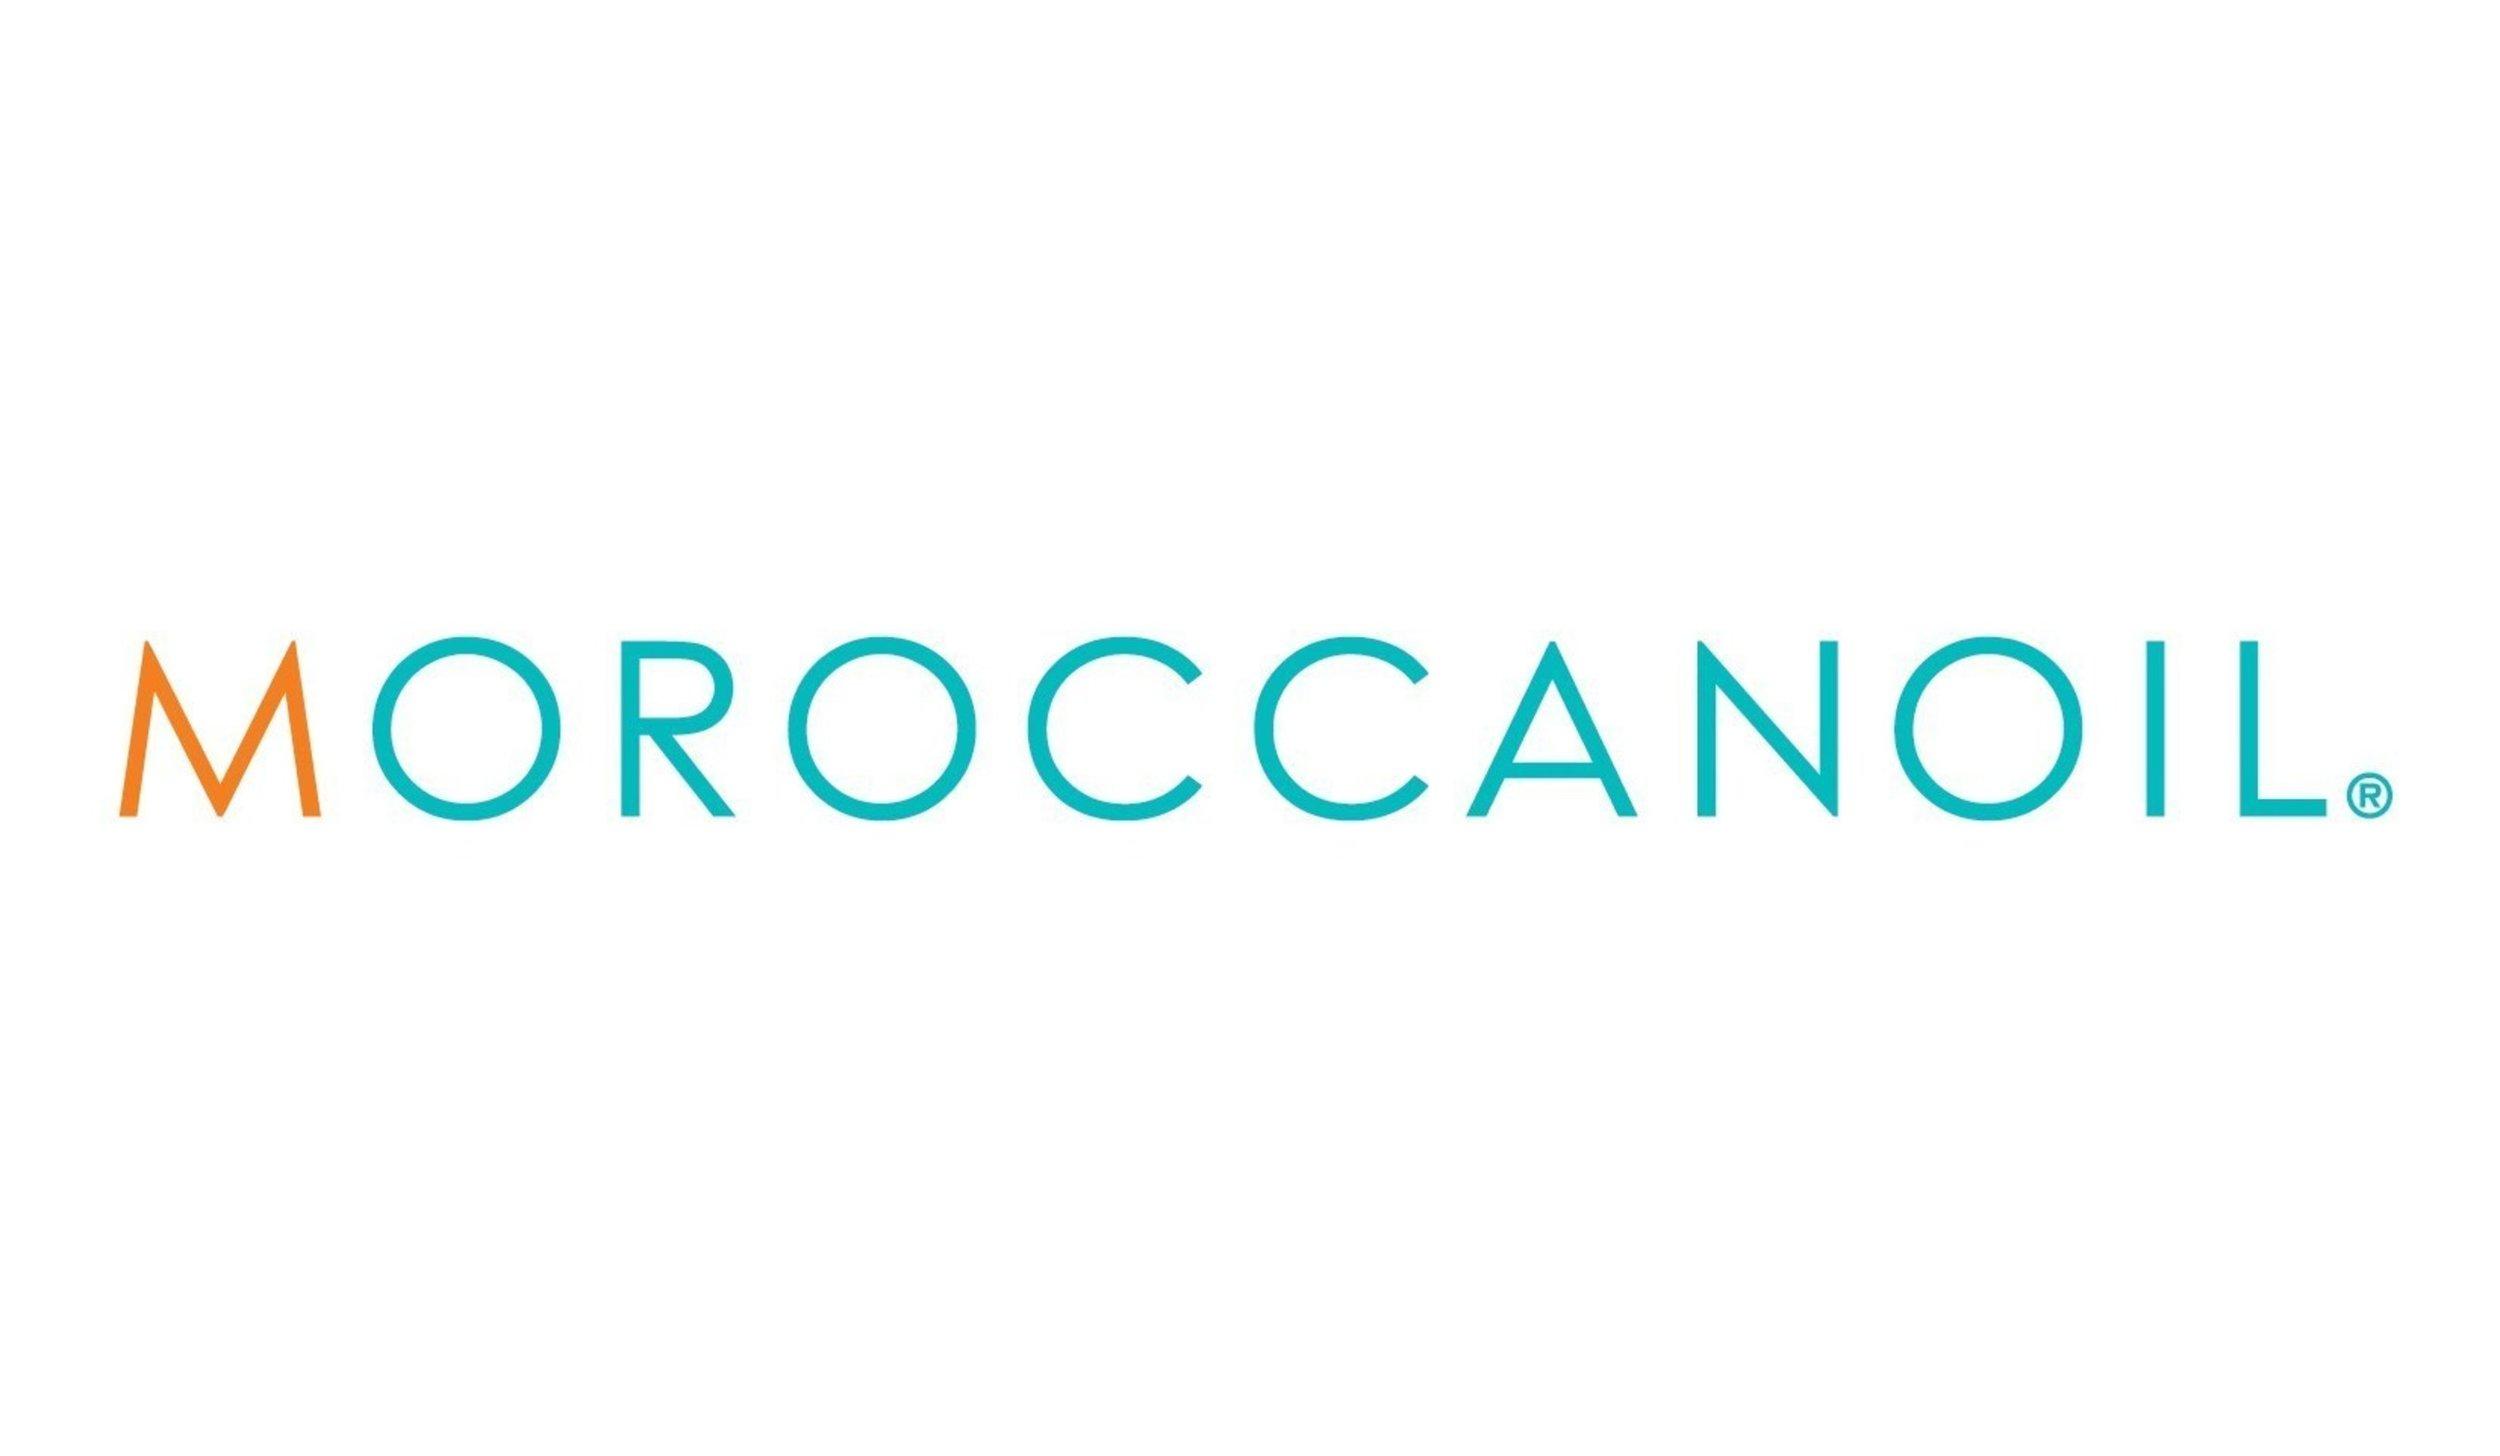 marocconol.jpg